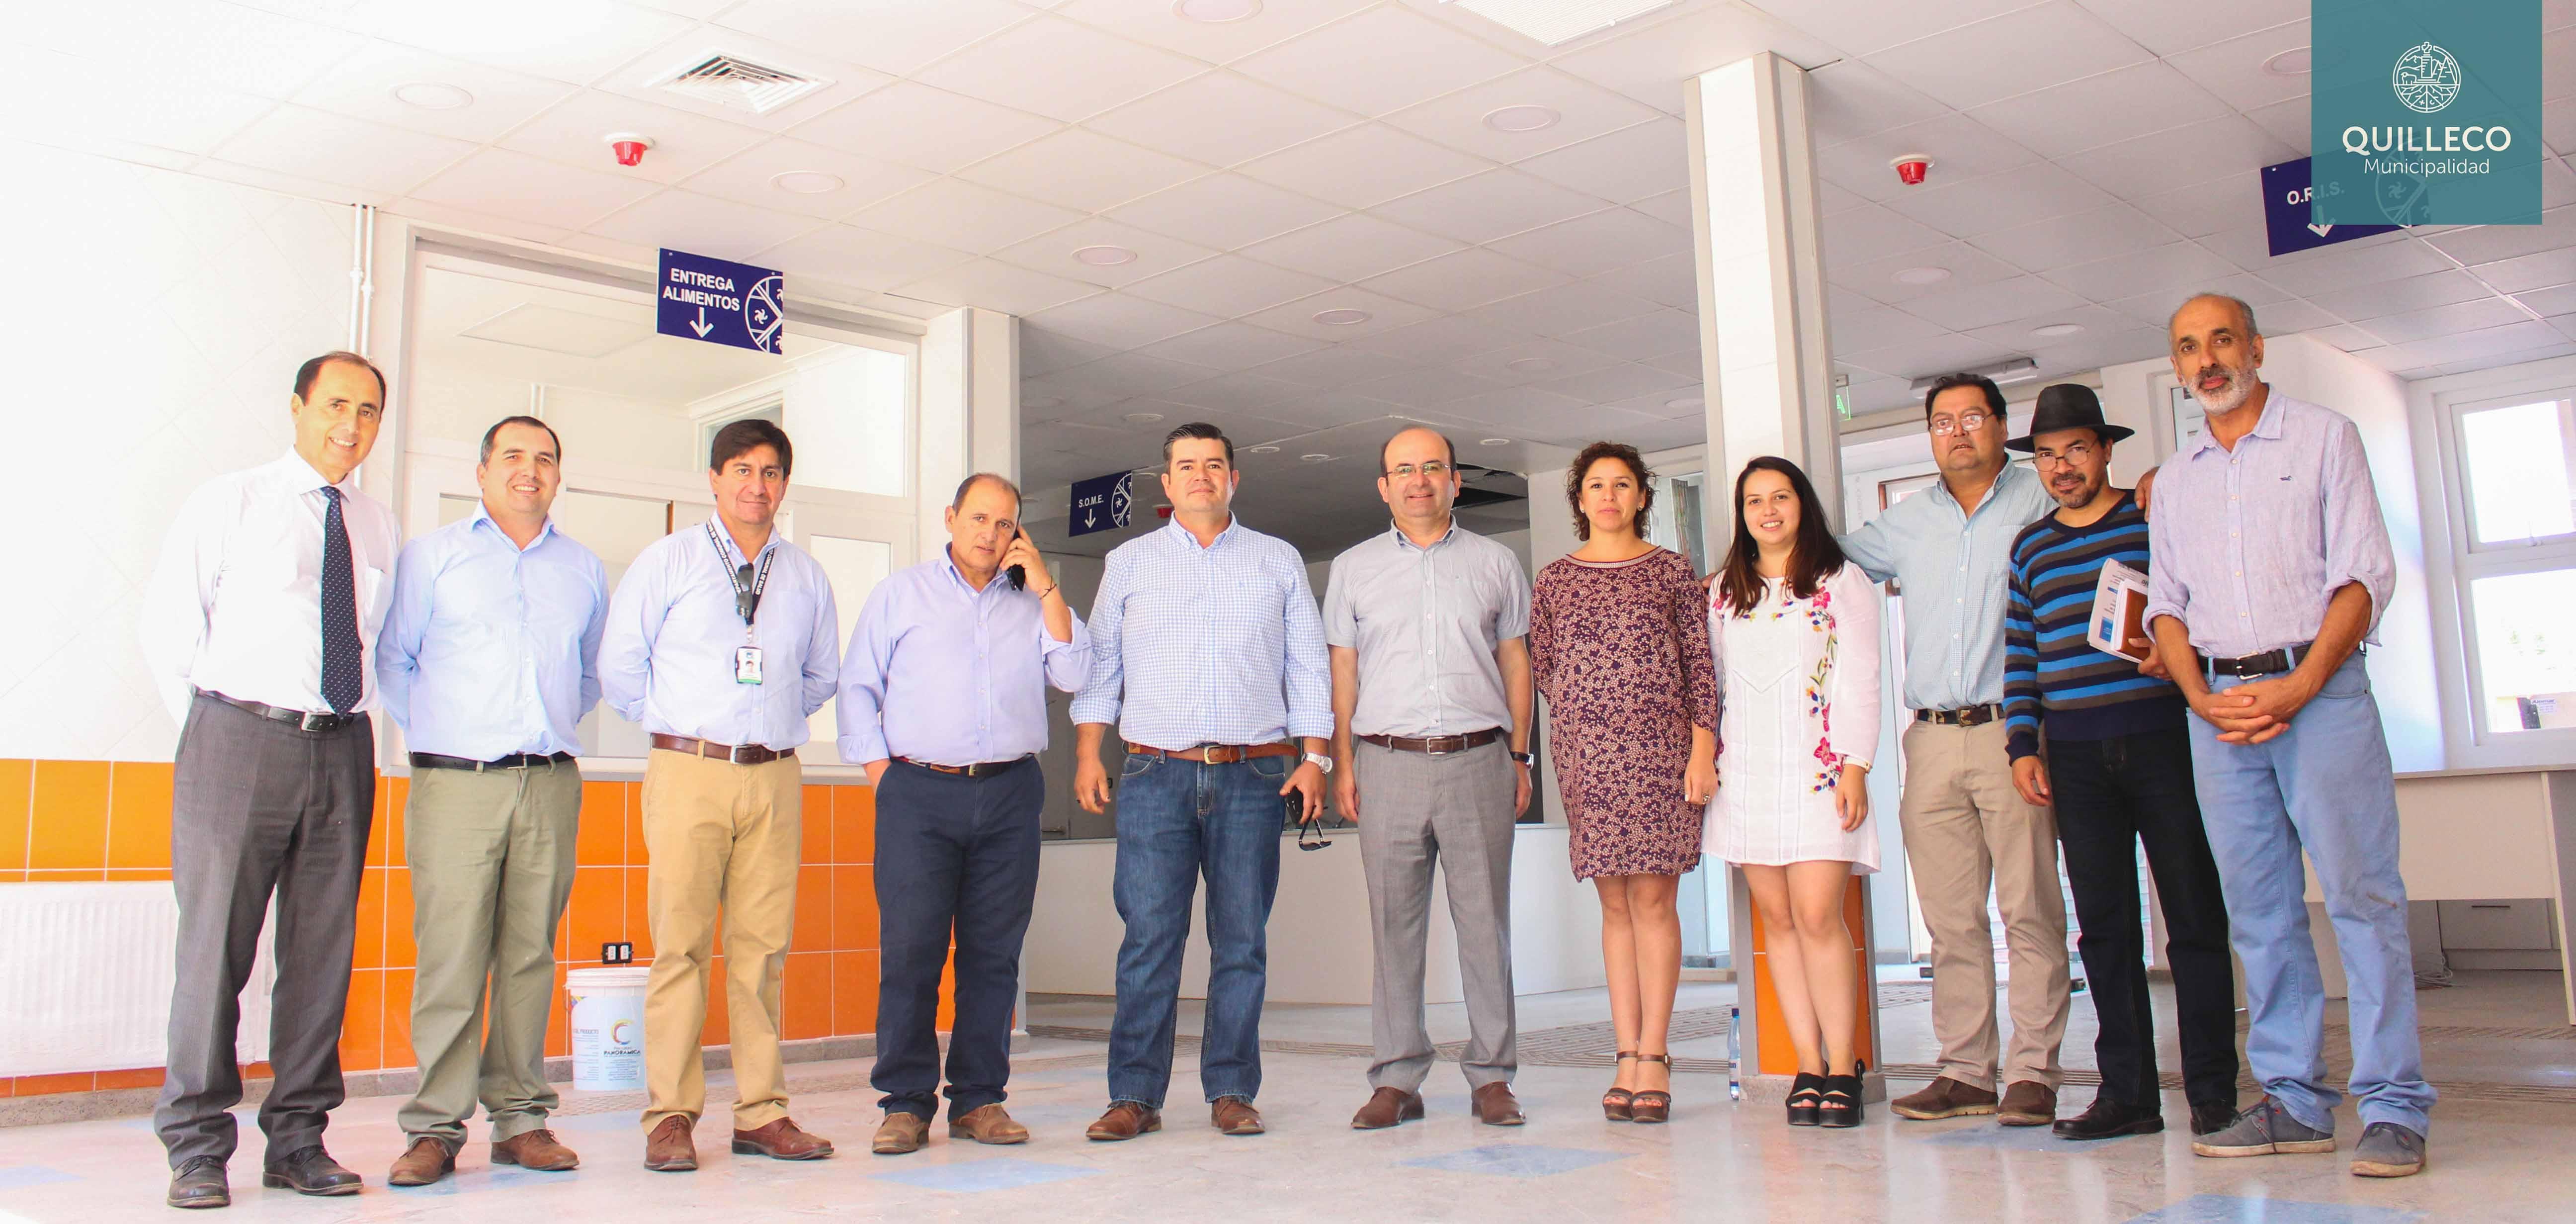 Alcalde y concejo en pleno visitan las dependencias de futuro nuevo CESFAM Quilleco, el cual se encuentra próximo a entrar en funcionamiento.